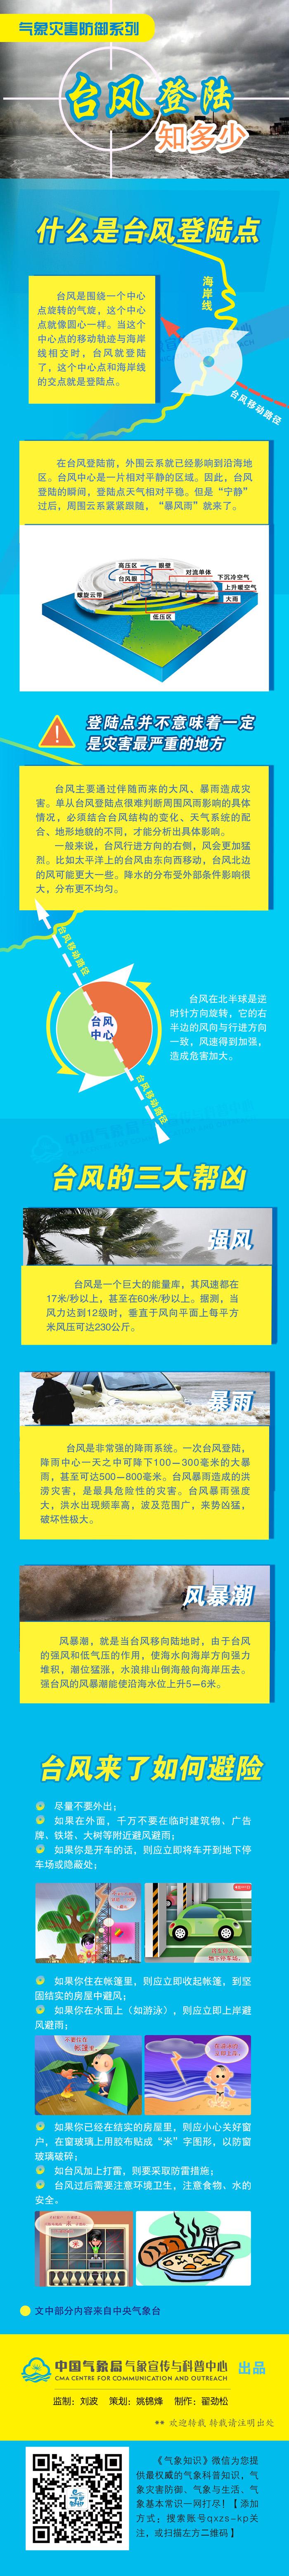 台风登陆知多少?